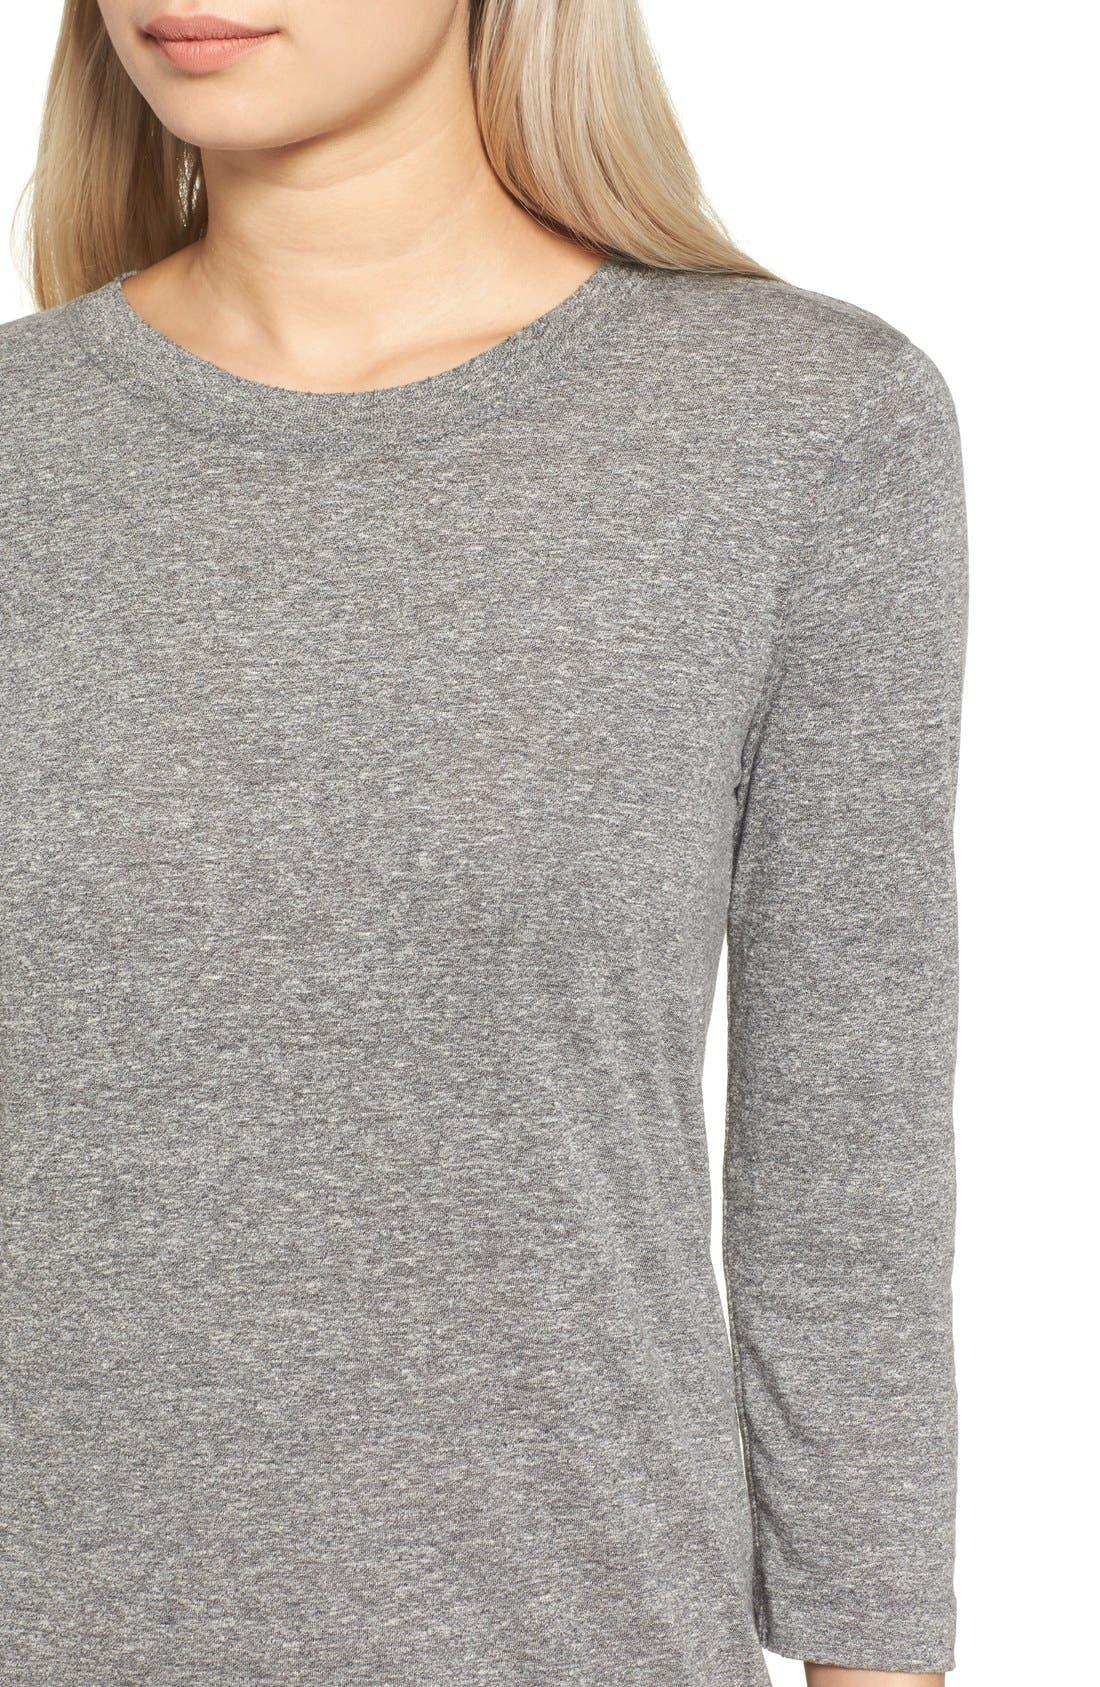 T-Shirt Dress,                             Alternate thumbnail 7, color,                             099